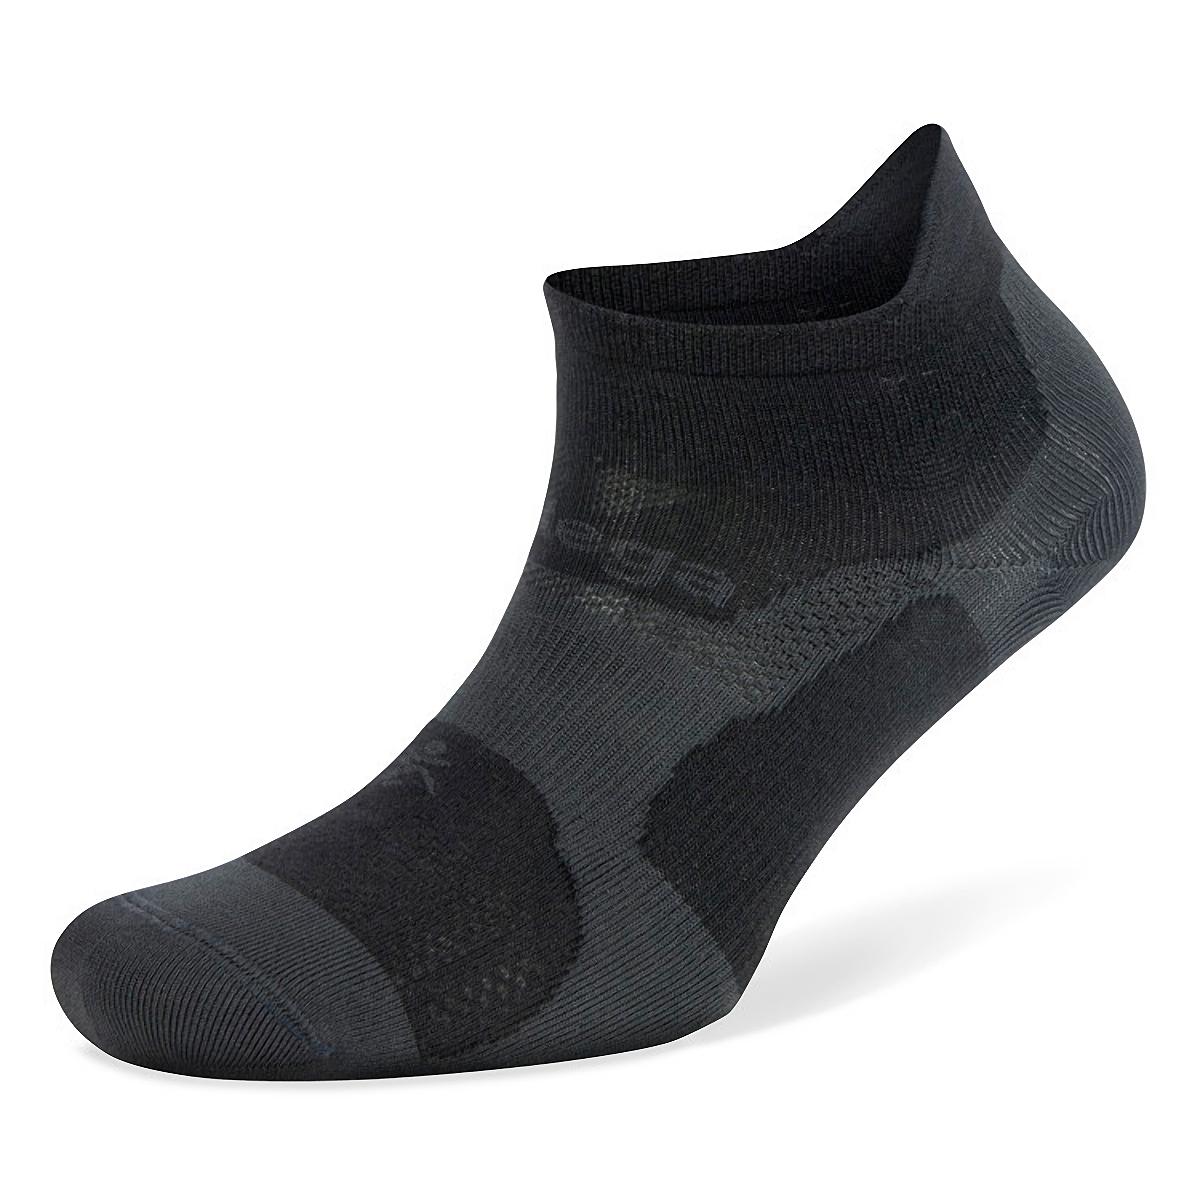 Balega Hidden Dry No Show Socks - Color: Black - Size: S, Black, large, image 1